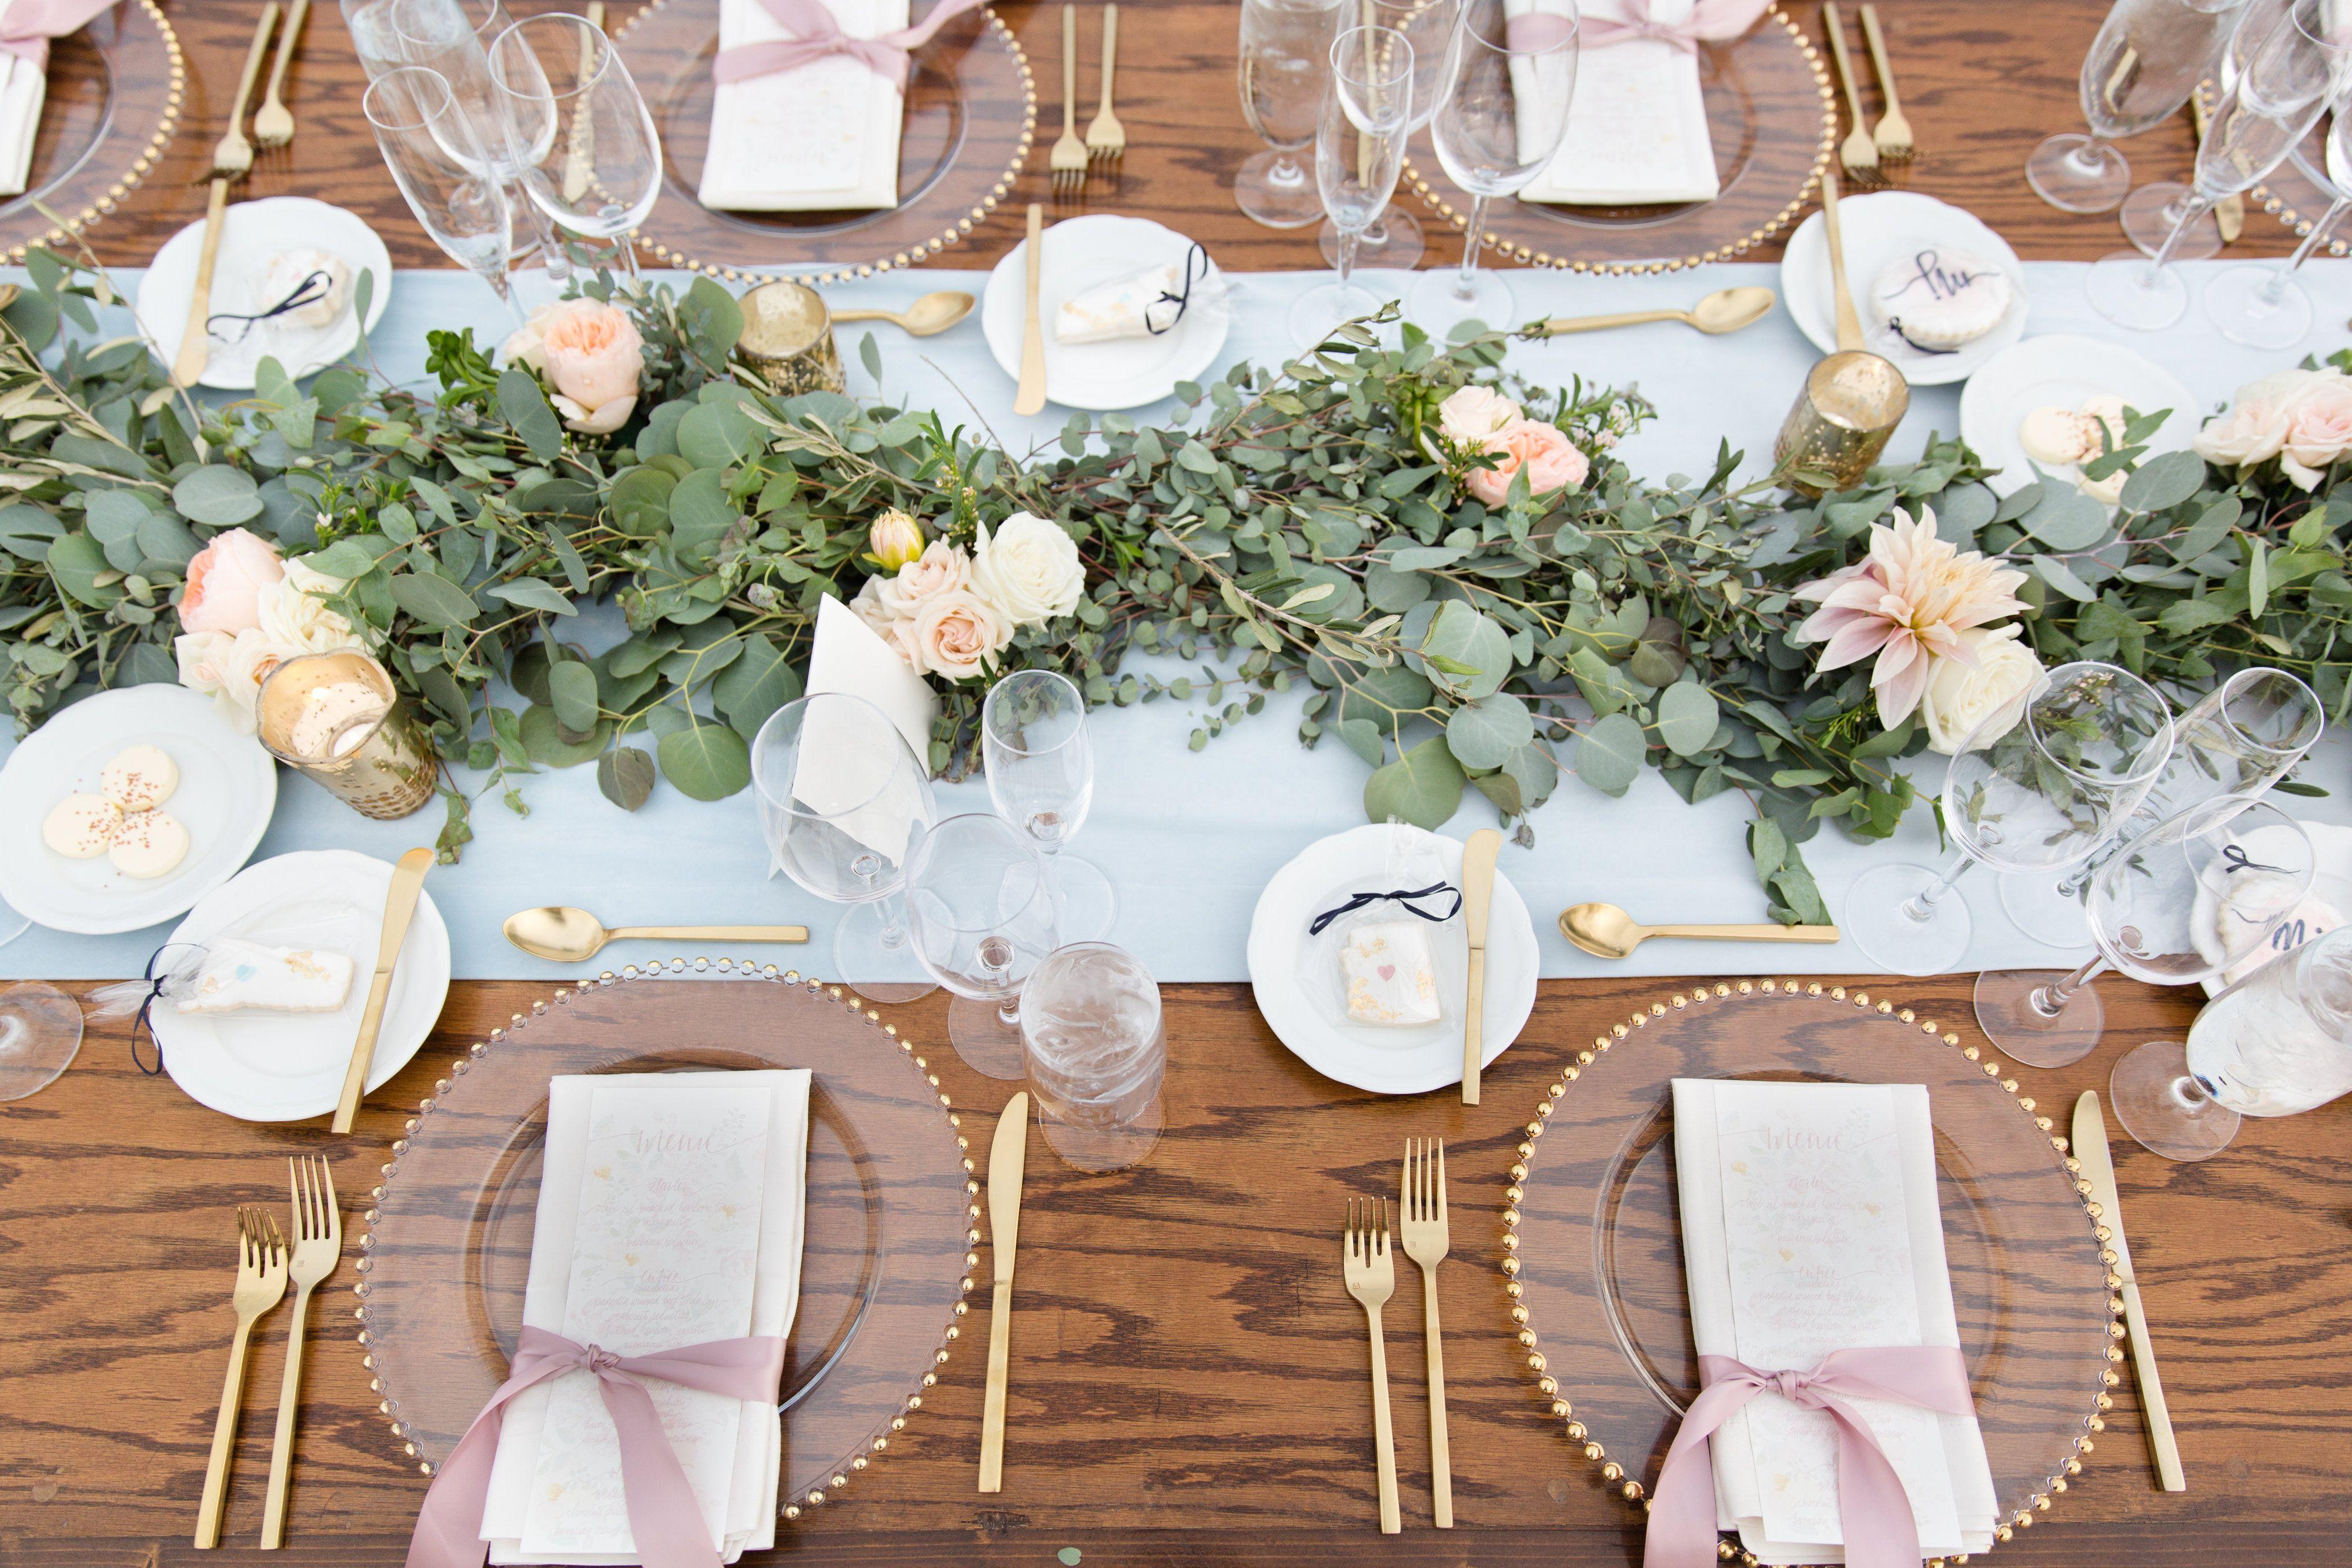 White wedding decoration ideas   Sweet Blush And White Wedding Centerpiece Decoration  Wedding